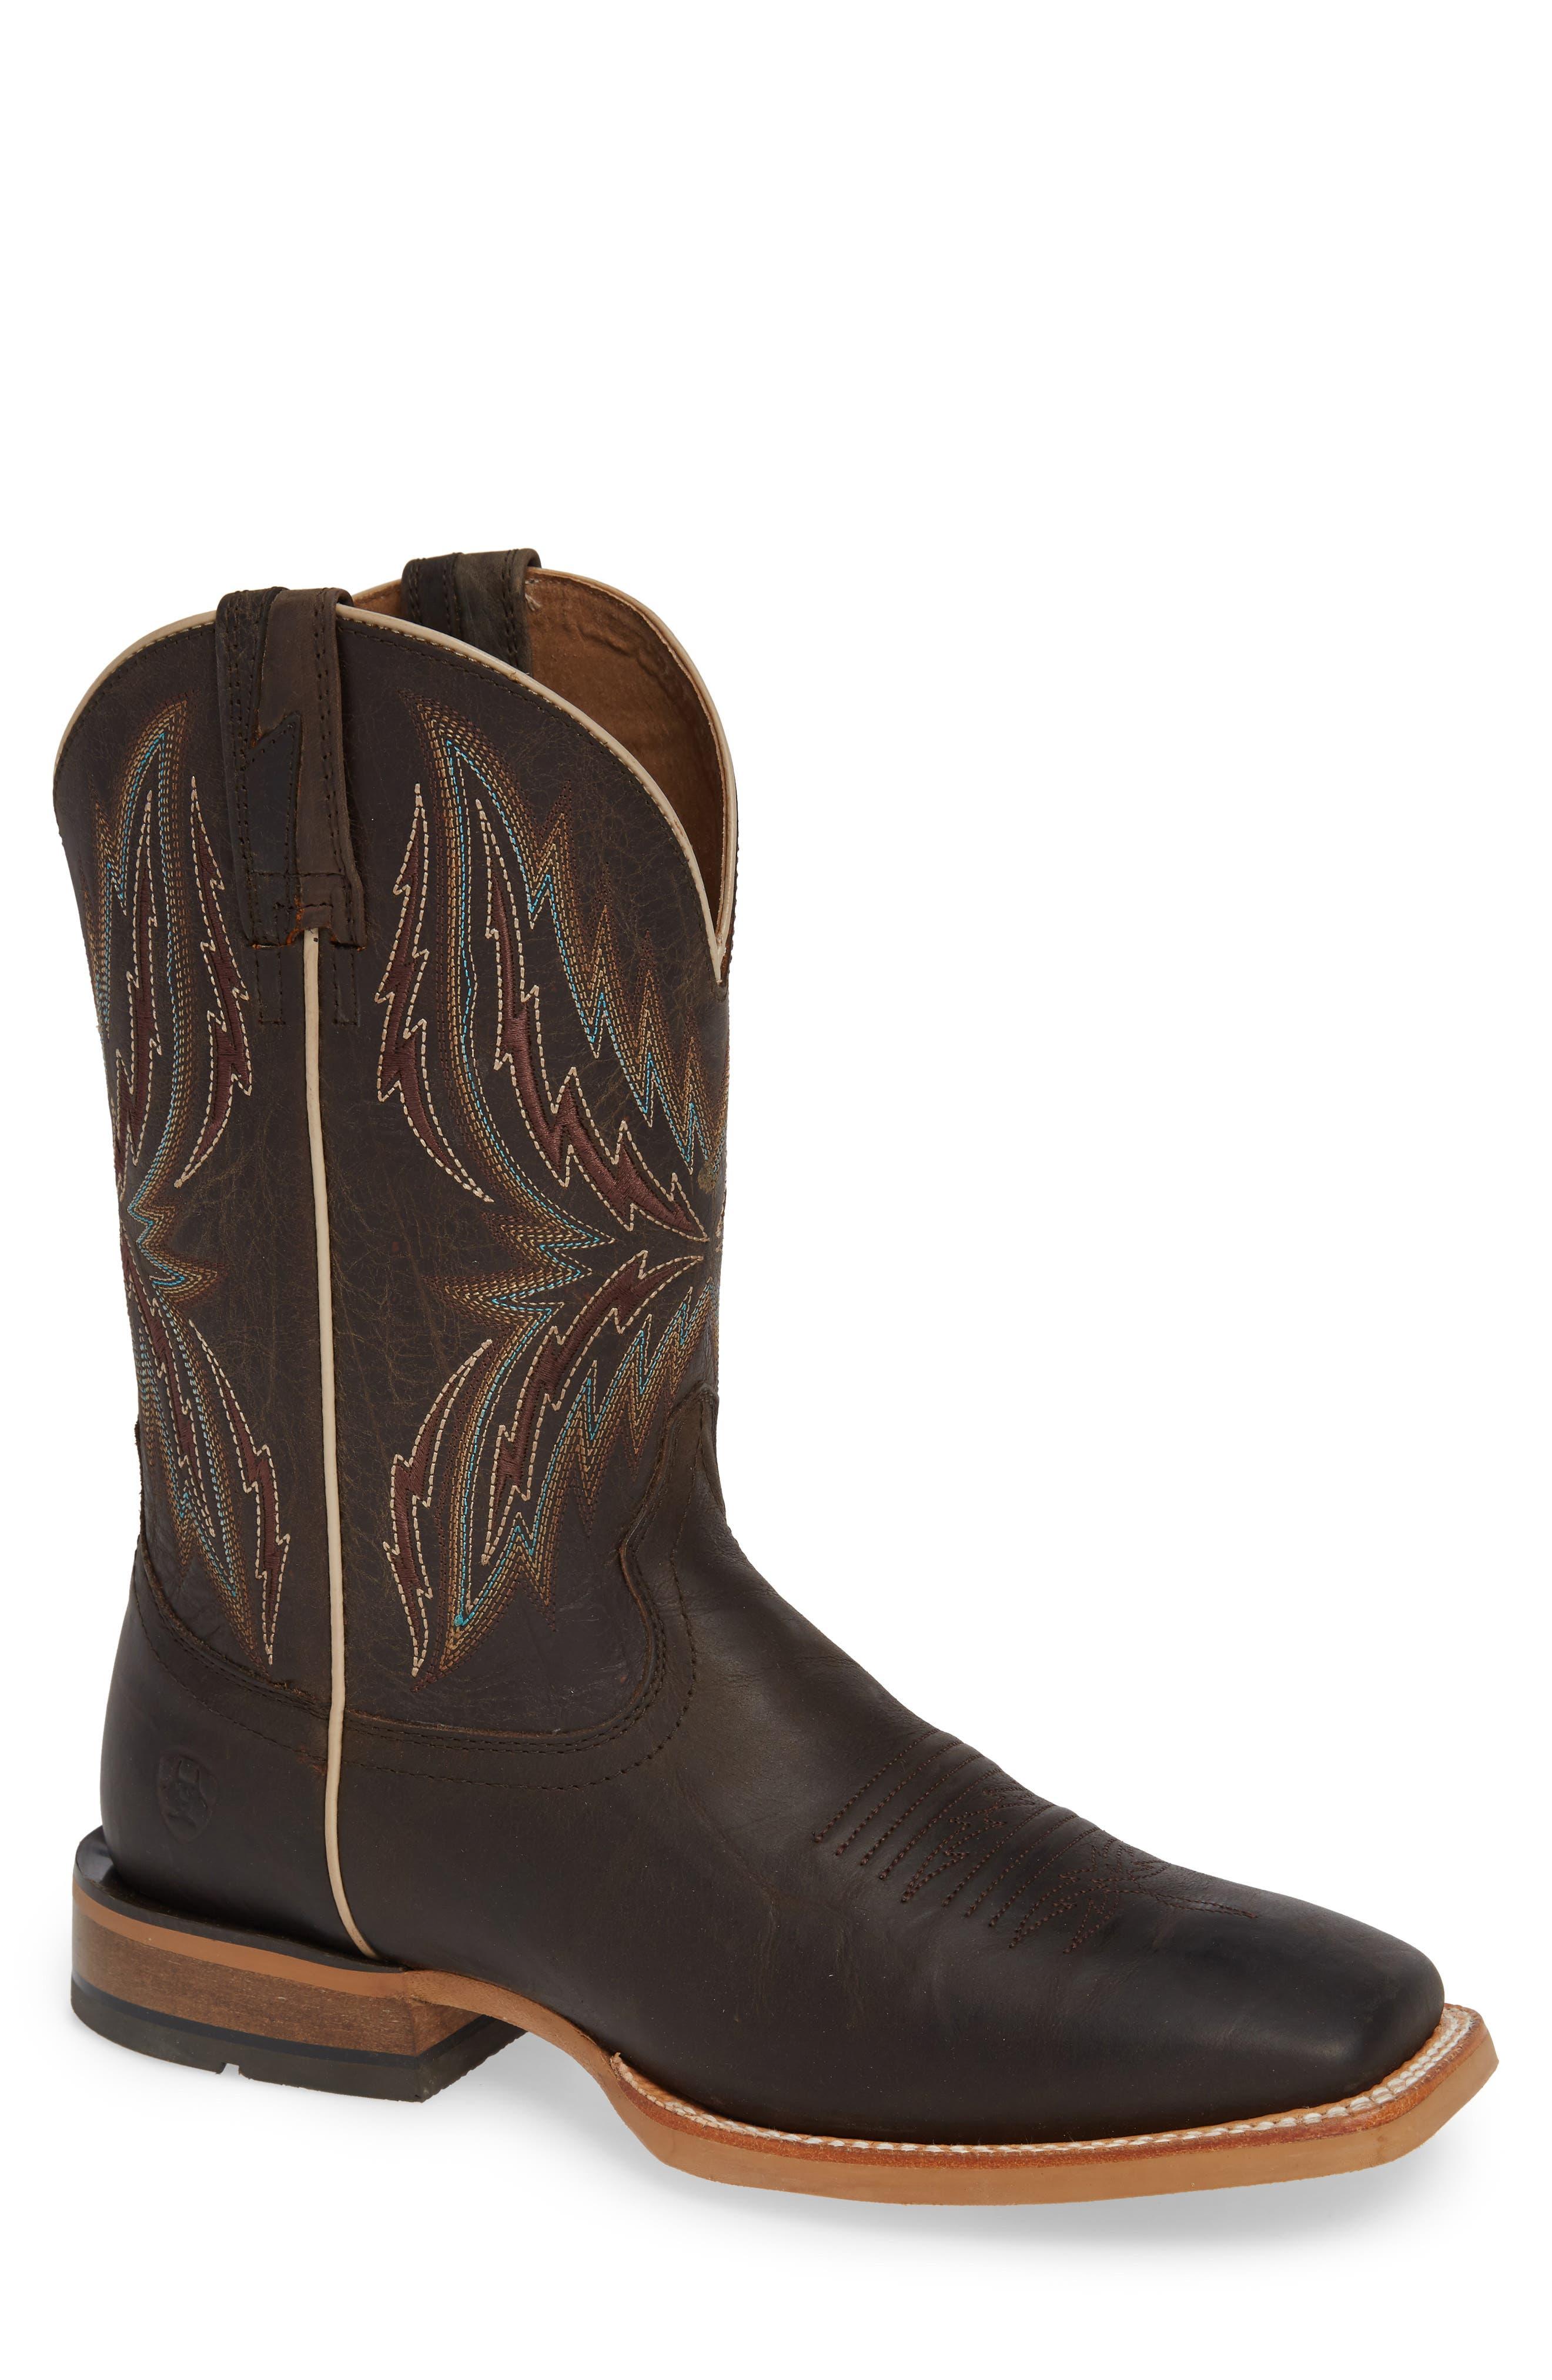 Ariat Arena Rebound Cowboy Boot- Brown